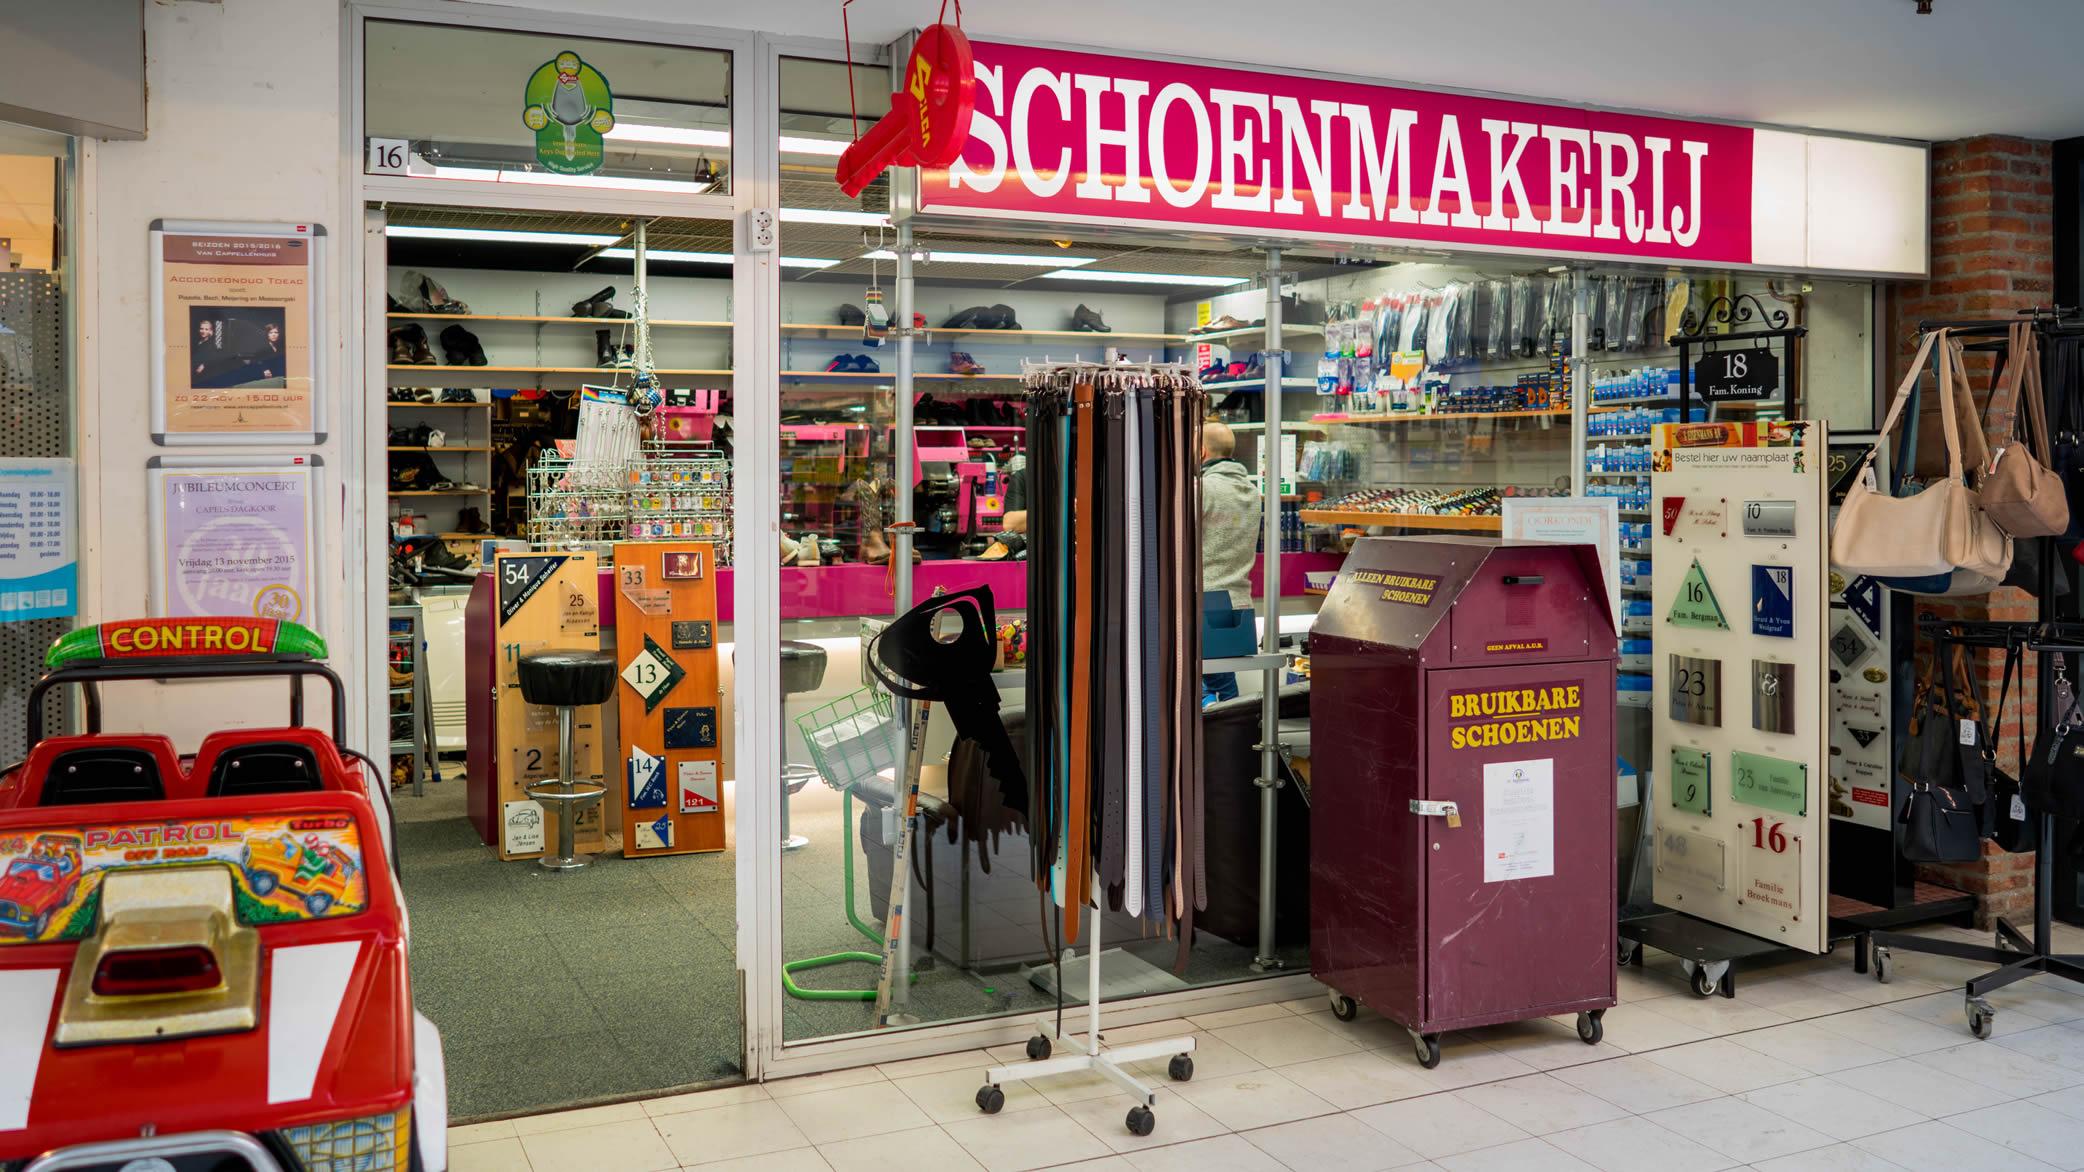 winkelcentrumdeterp-schoenmakerij_e7855a36defdba63d6b8893ca01721fa